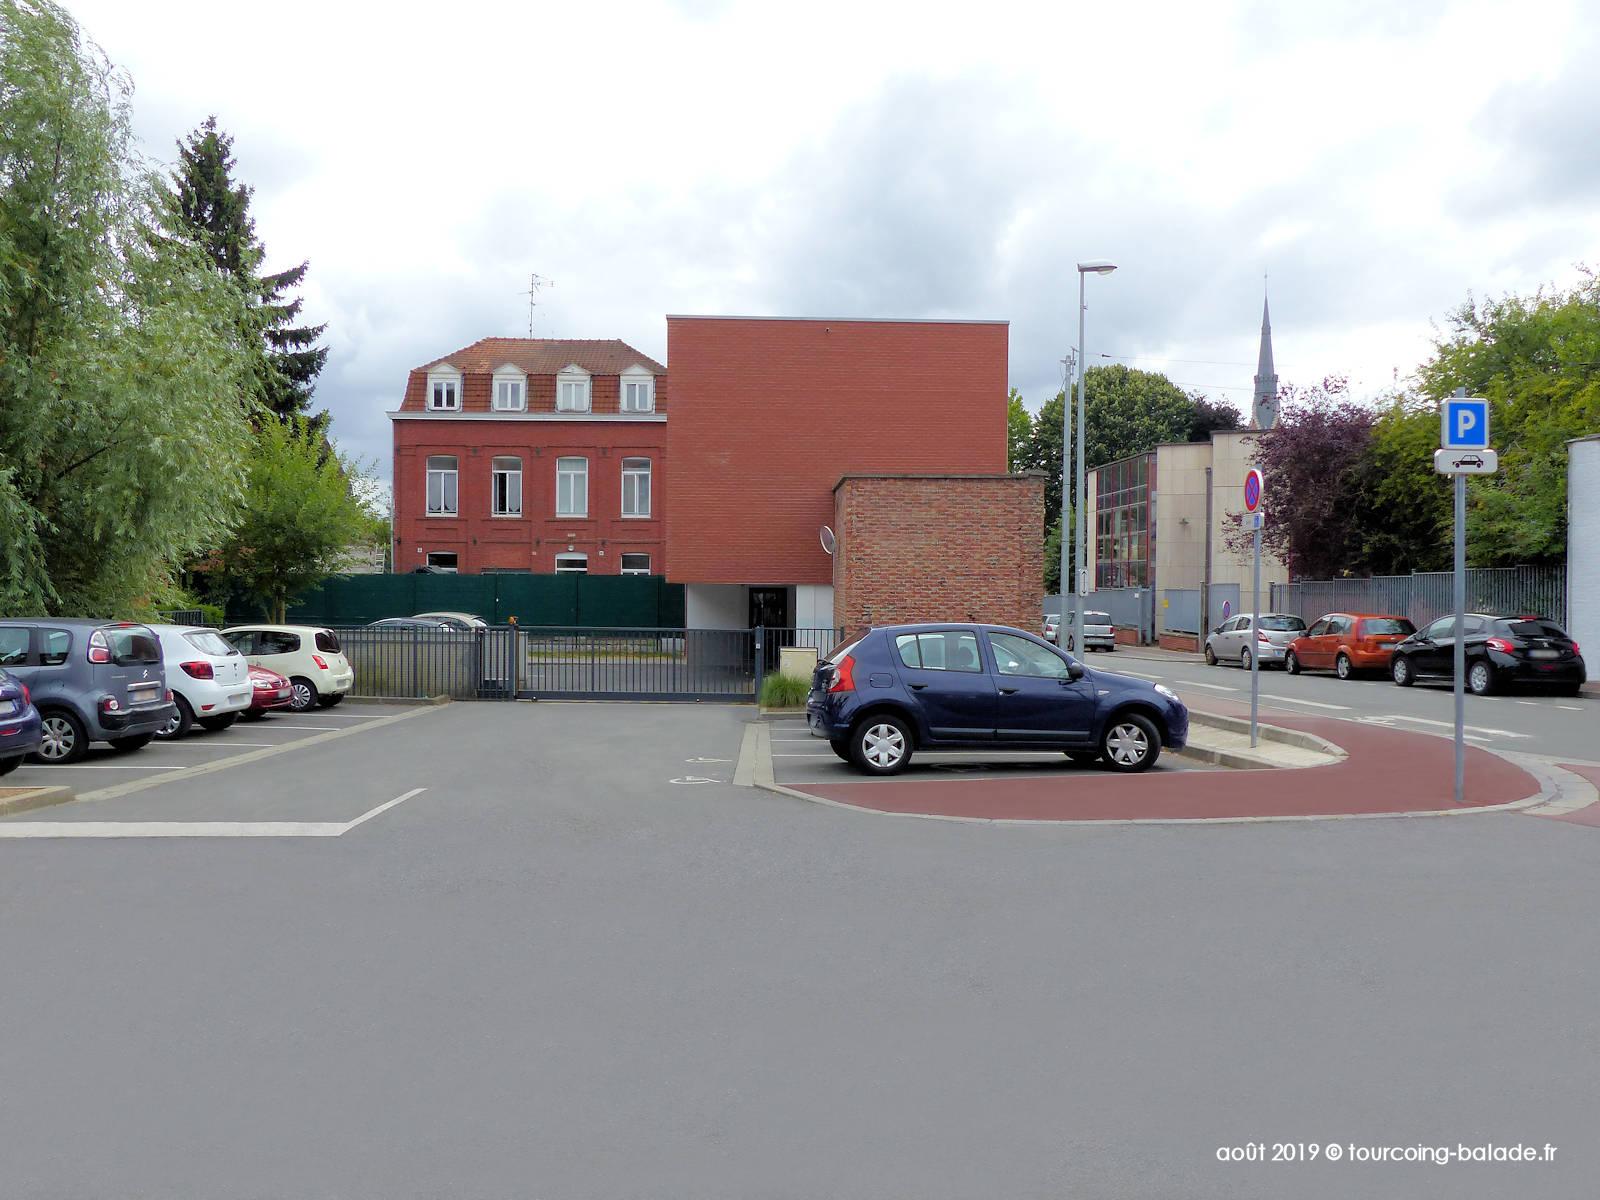 Parking Résidence Pierre de Guethem, Tourcoing 2019